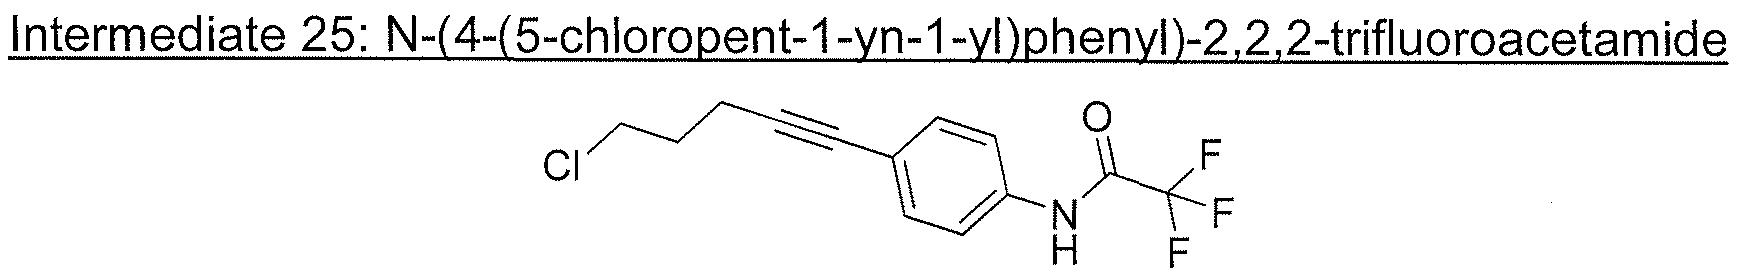 Figure imgf000079_0001